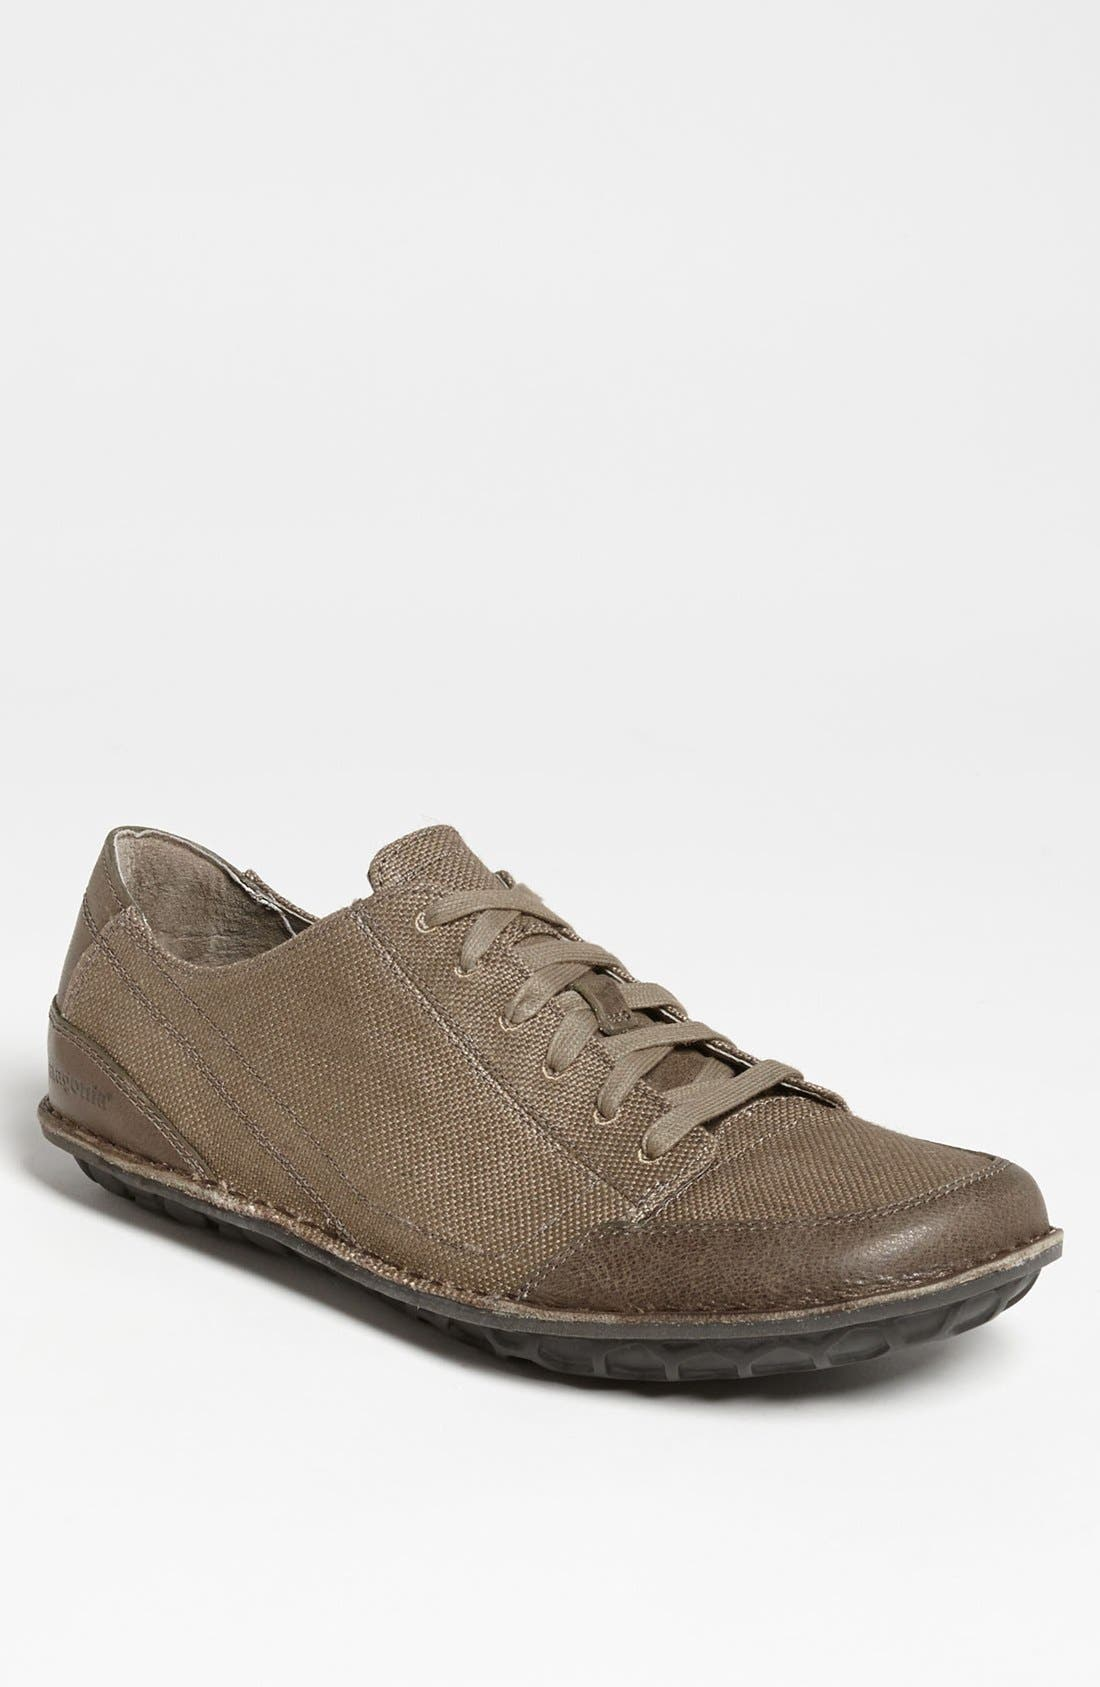 Alternate Image 1 Selected - Patagonia 'Banyan' Sneaker (Men)